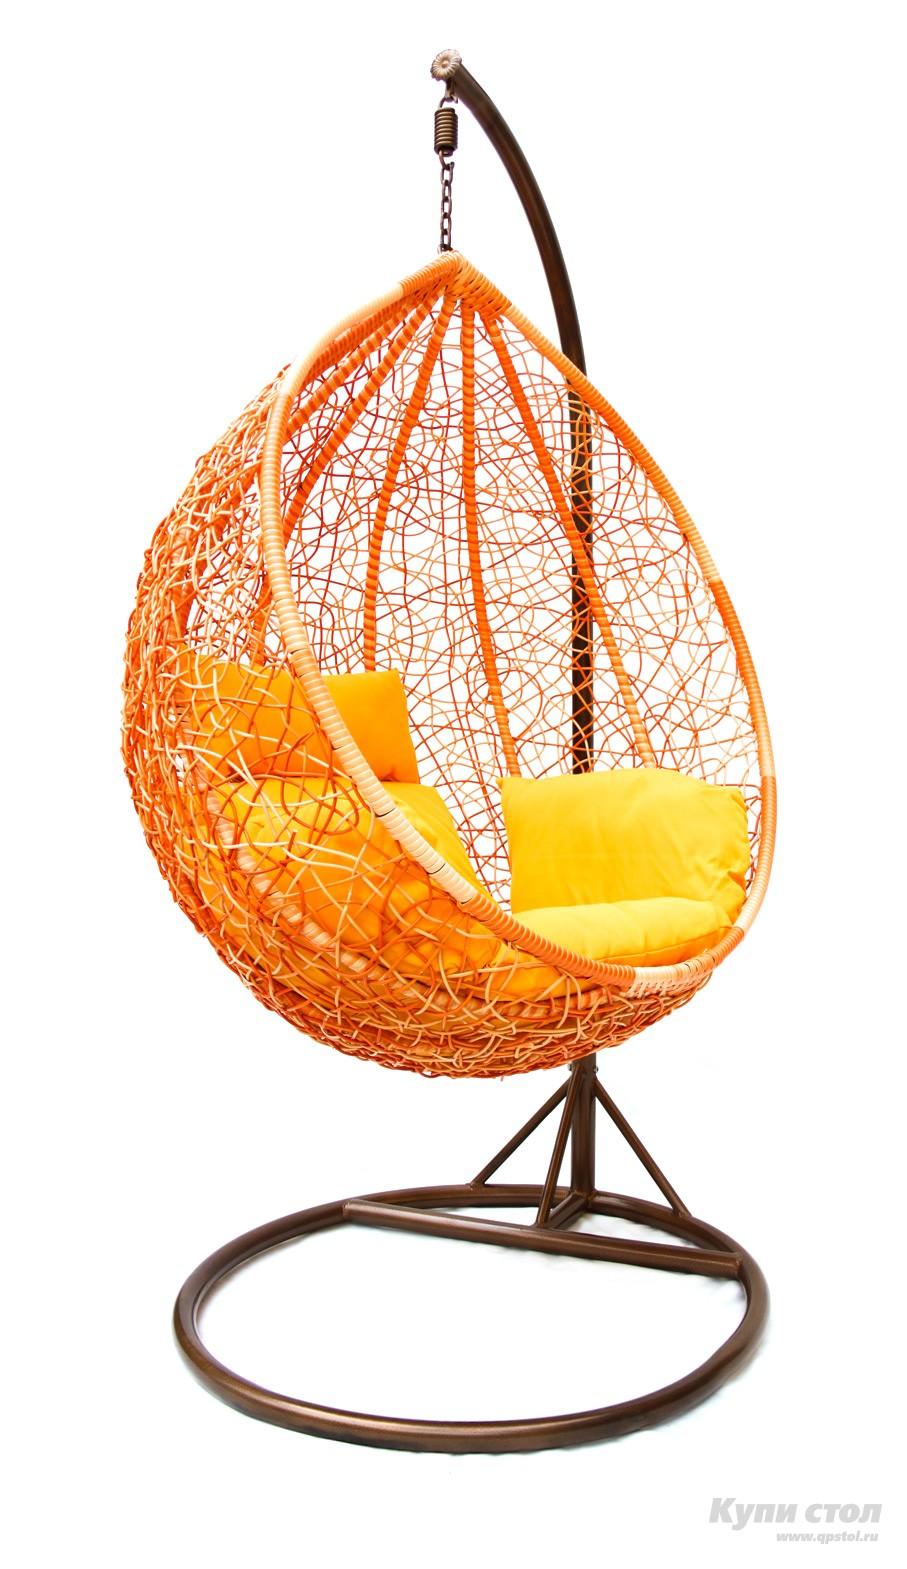 Подвесное кресло Kvimol KM-0001 (рыжий) Рыжий иск. ротанг/Желтая подушка